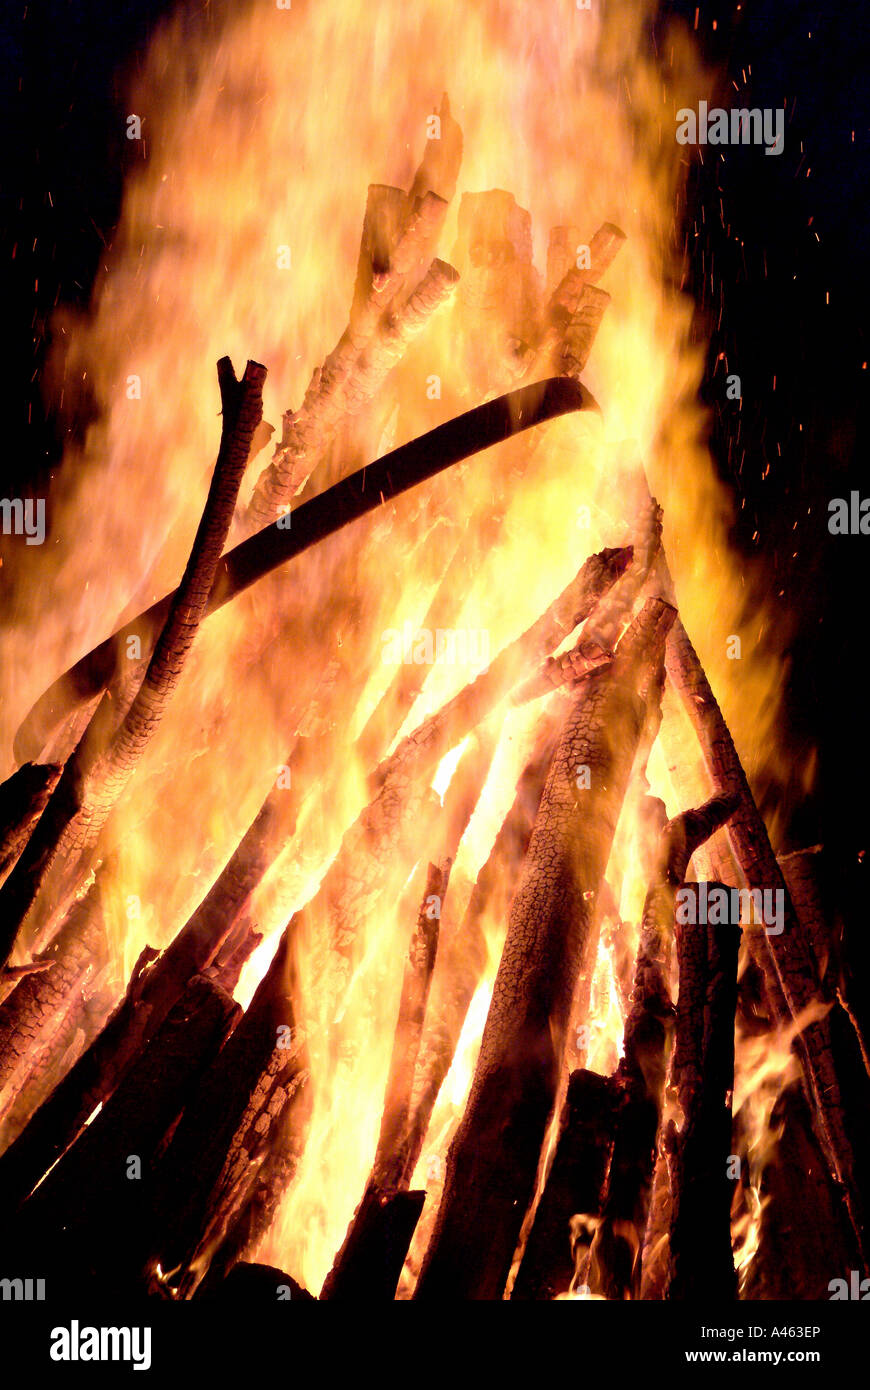 Un feu de joie Photo Stock